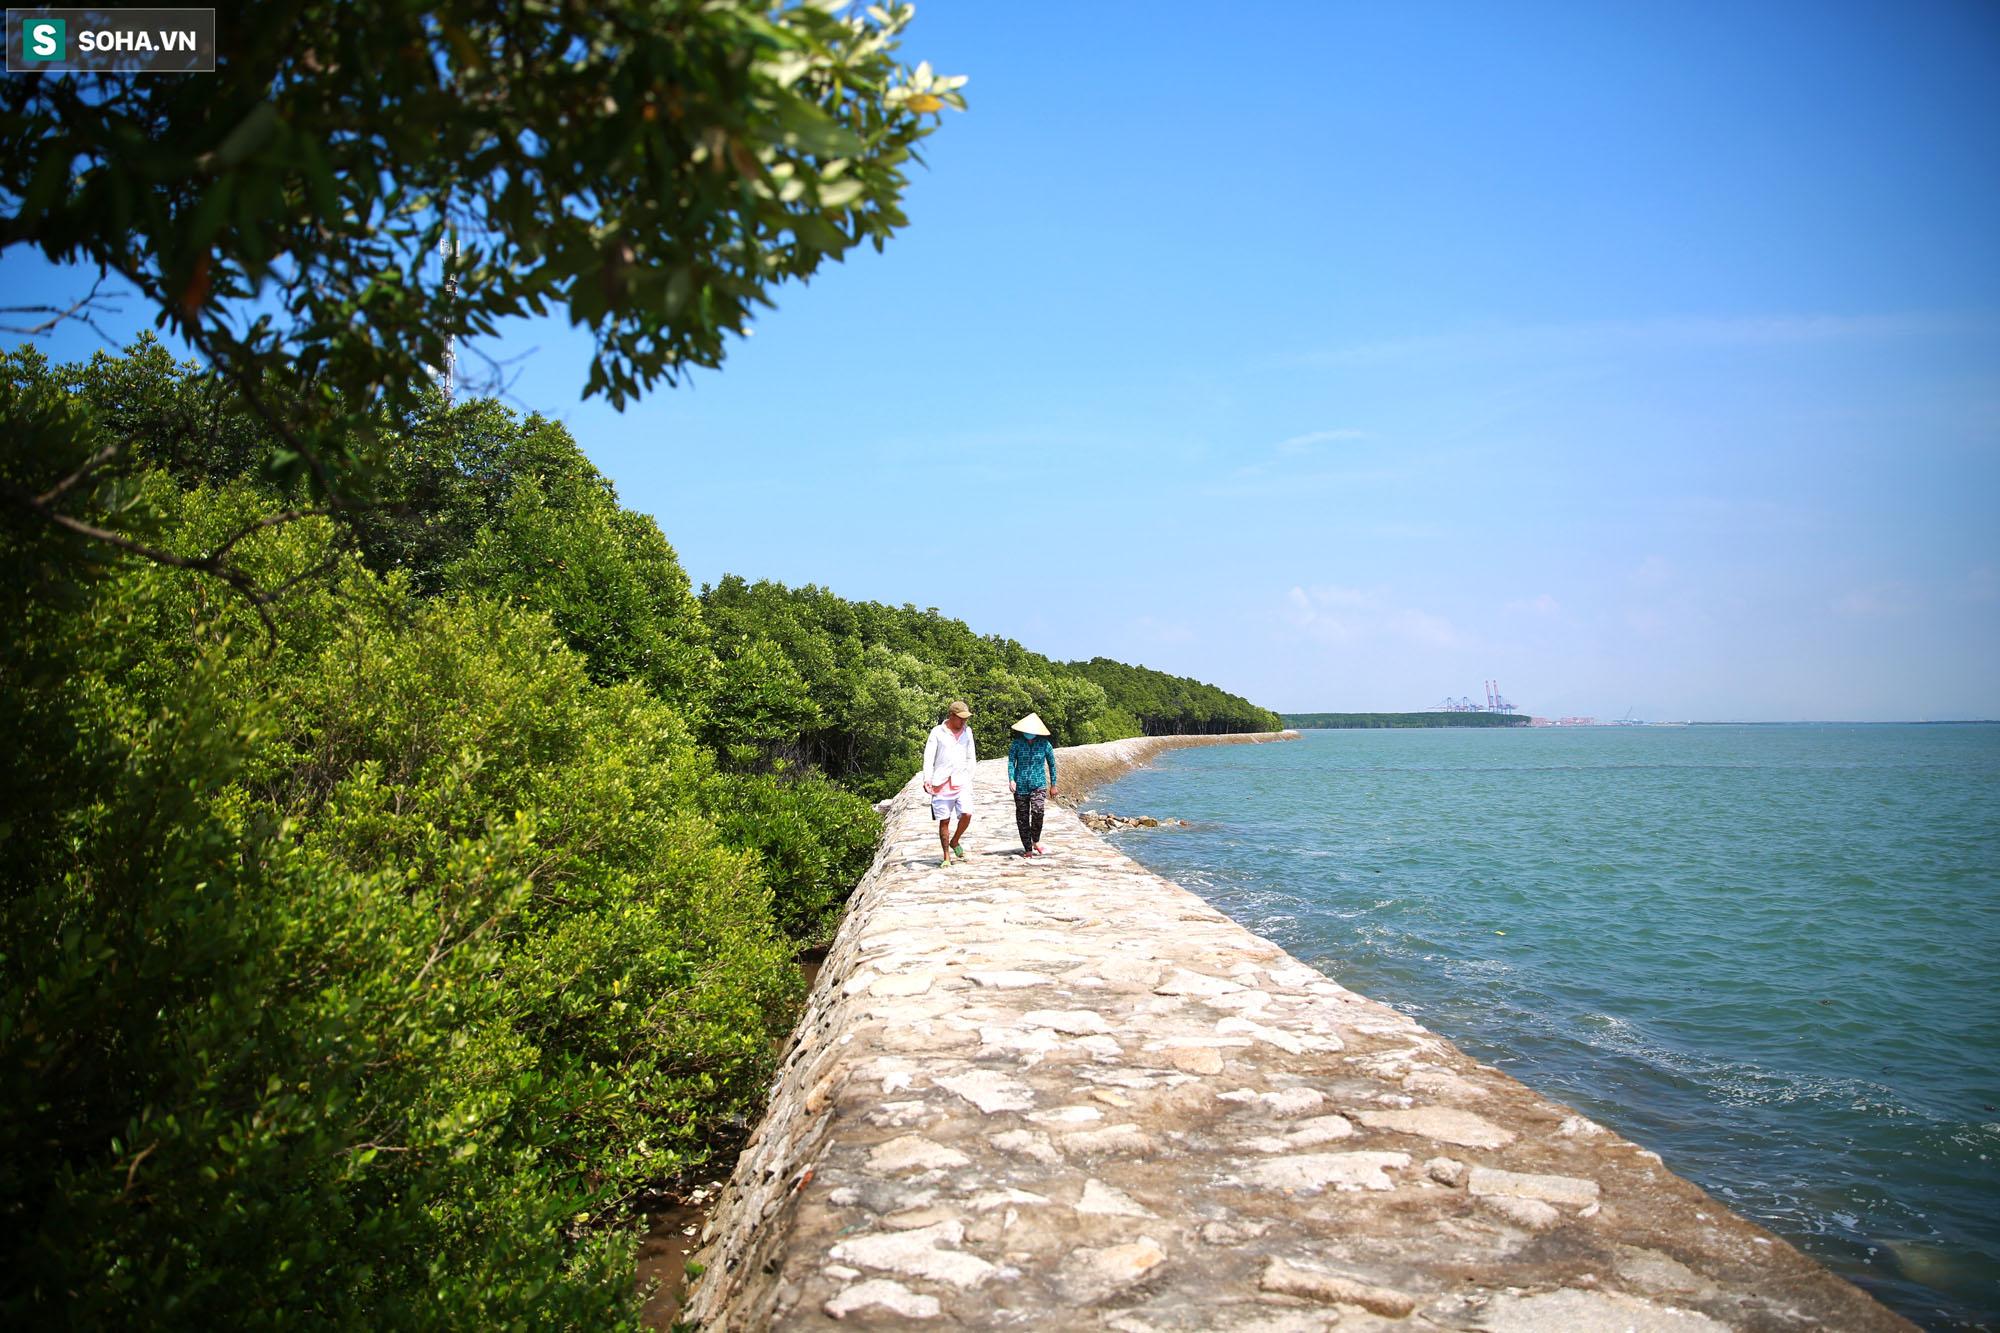 Nằm giữa biển Cần Giờ có một hòn đảo đẹp ngỡ ngàng, hoang sơ, rất ít người biết ở TP.HCM - Ảnh 3.